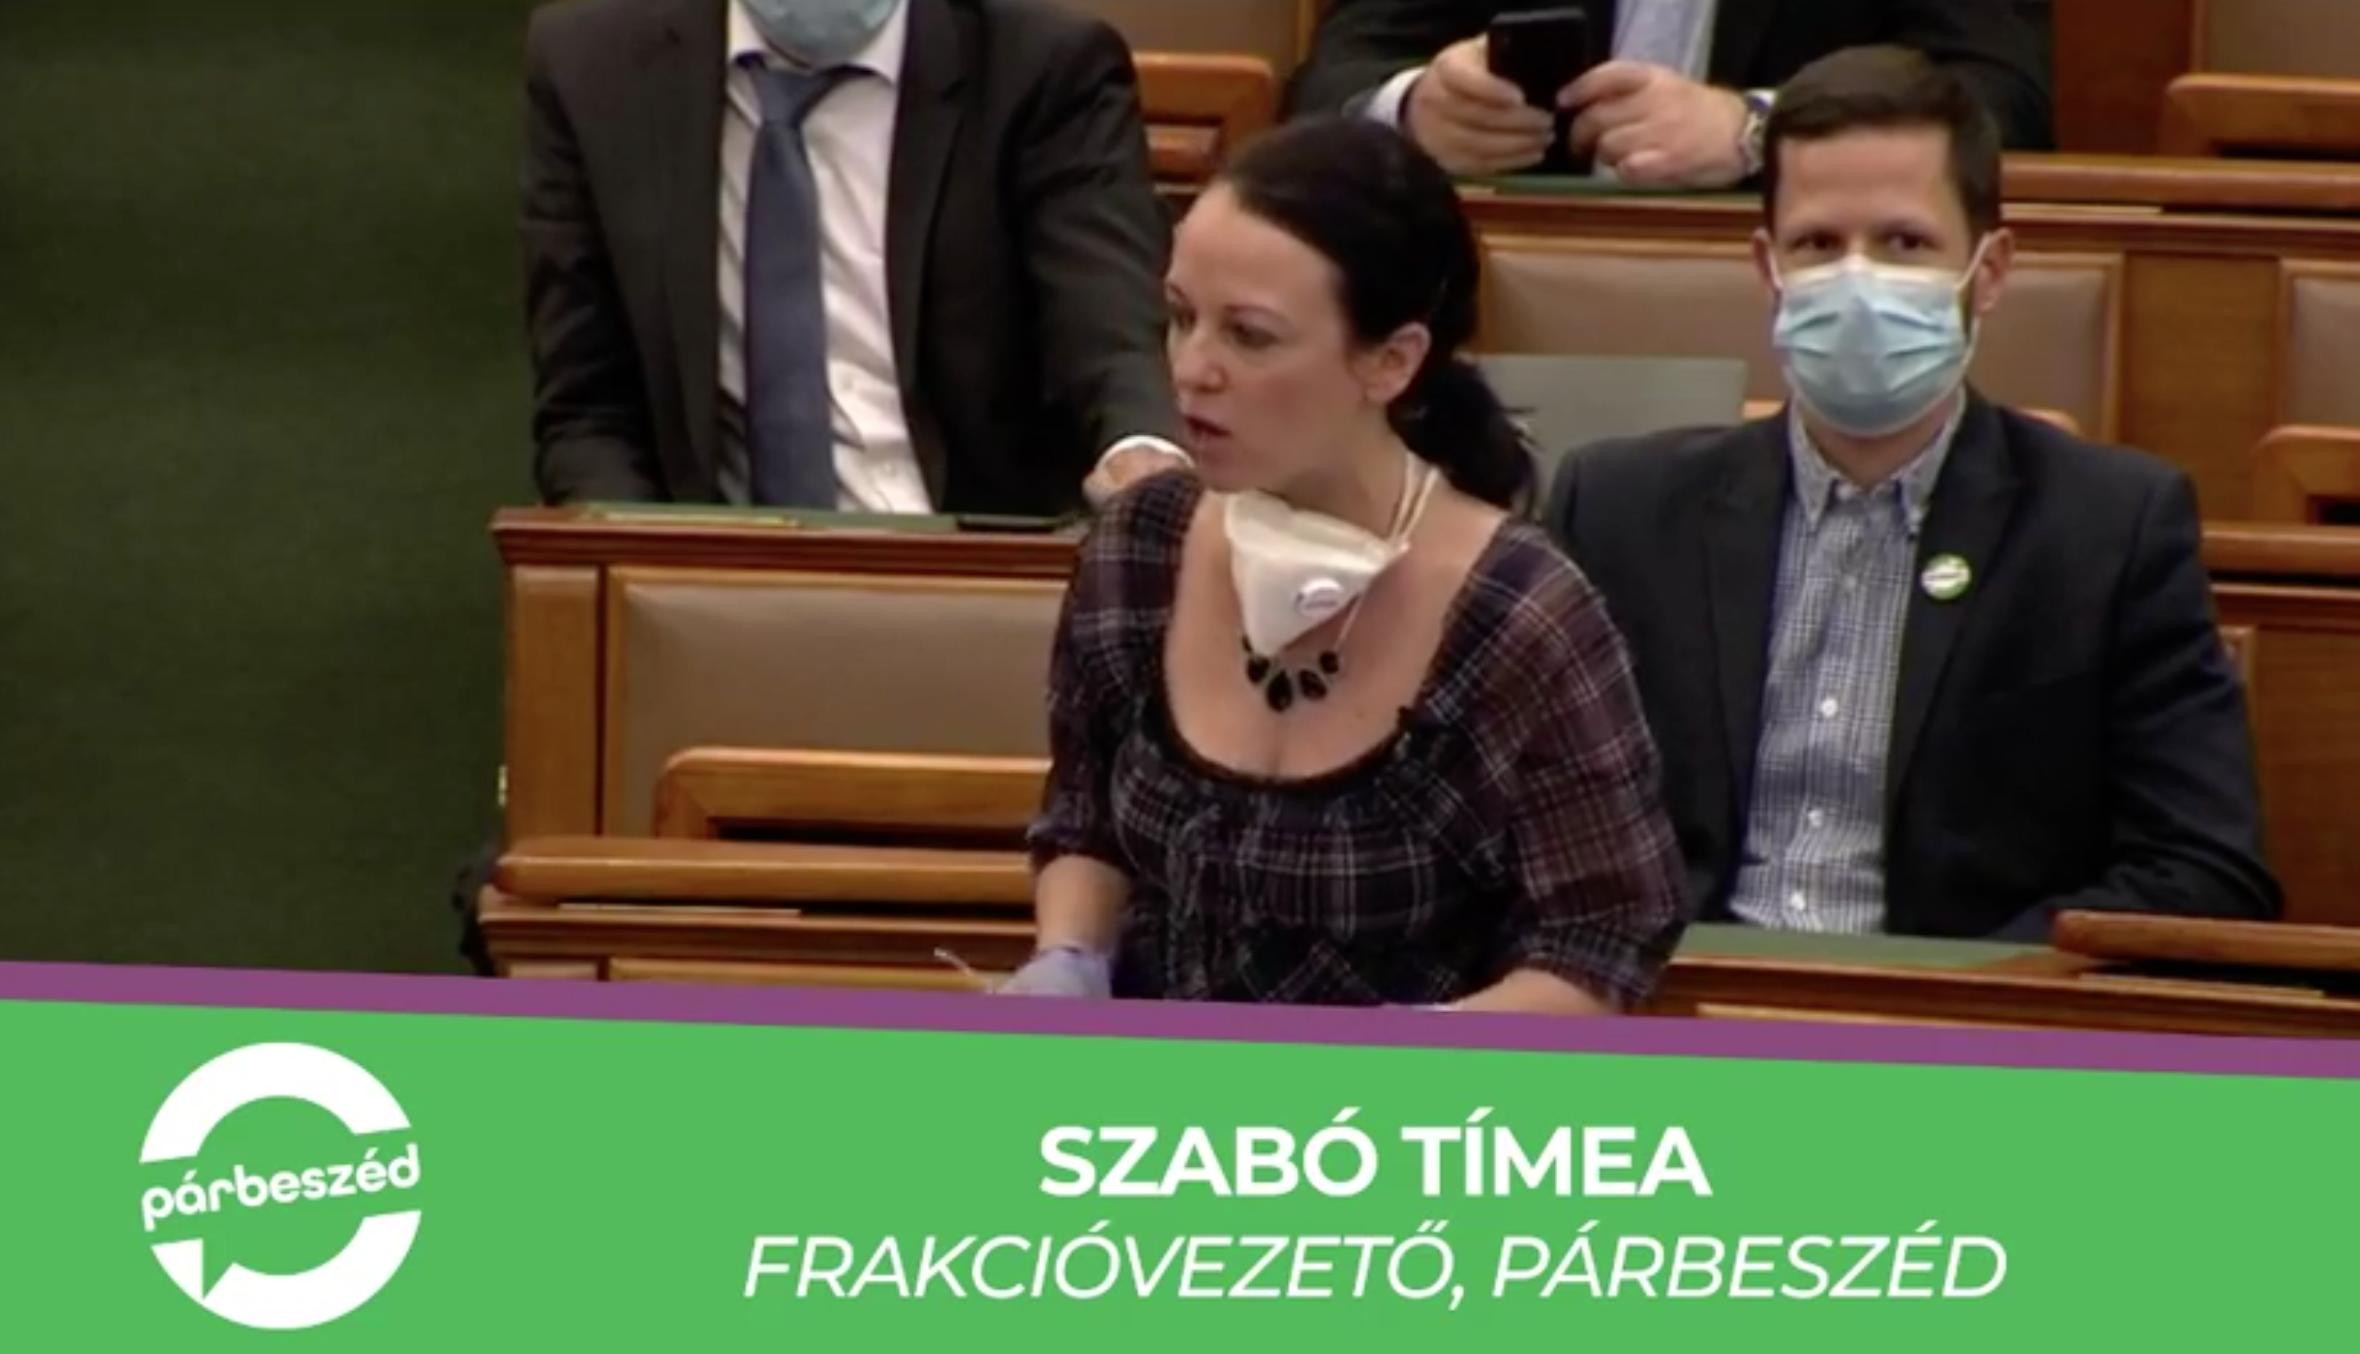 Tapssal fojtotta bele a szót Szabó Tímeába a Fidesz